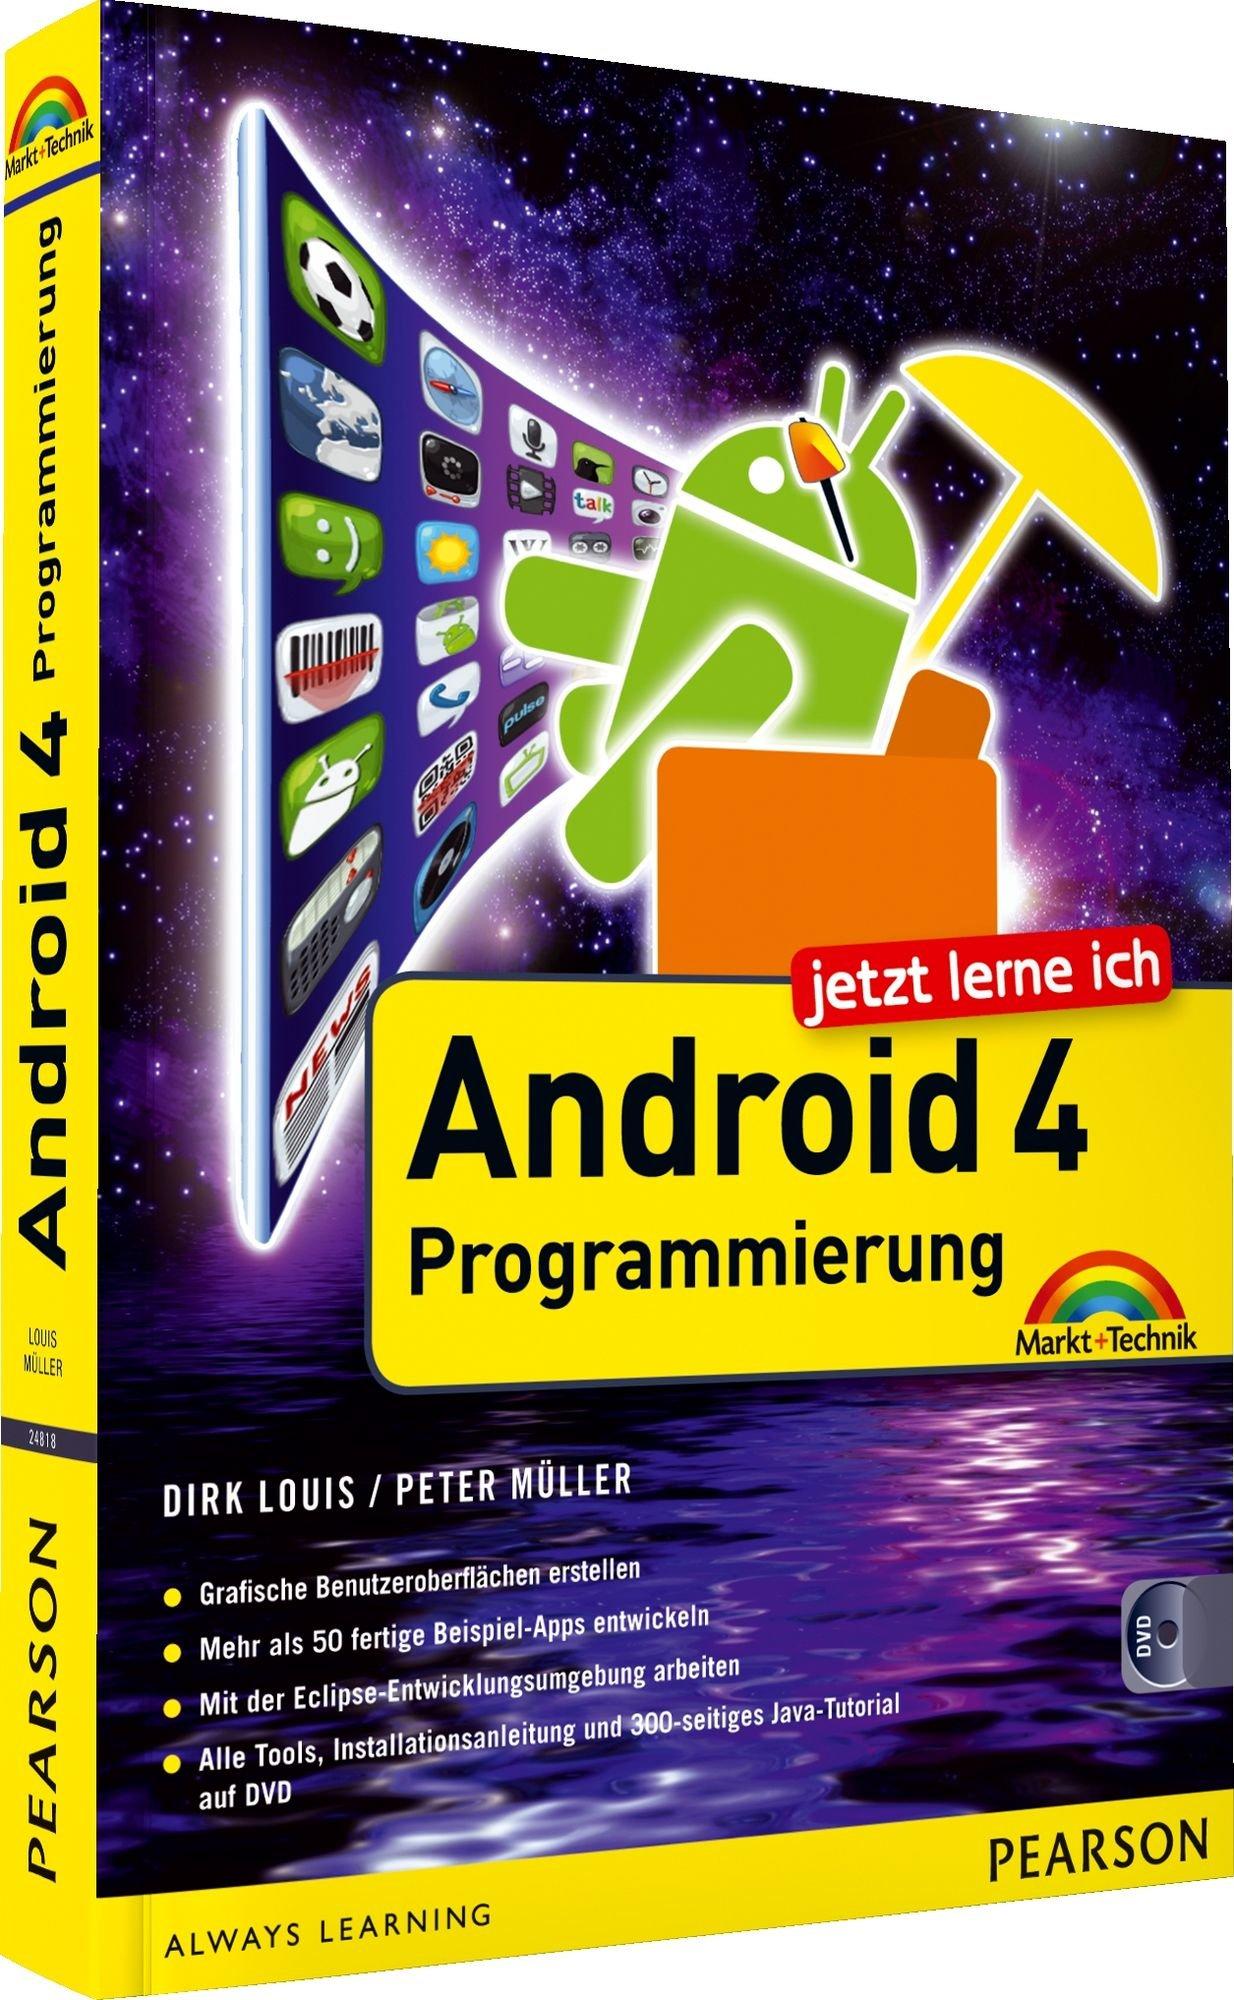 Jetzt lerne ich Android 4-Programmierung: Der schnelle Einstieg in ...